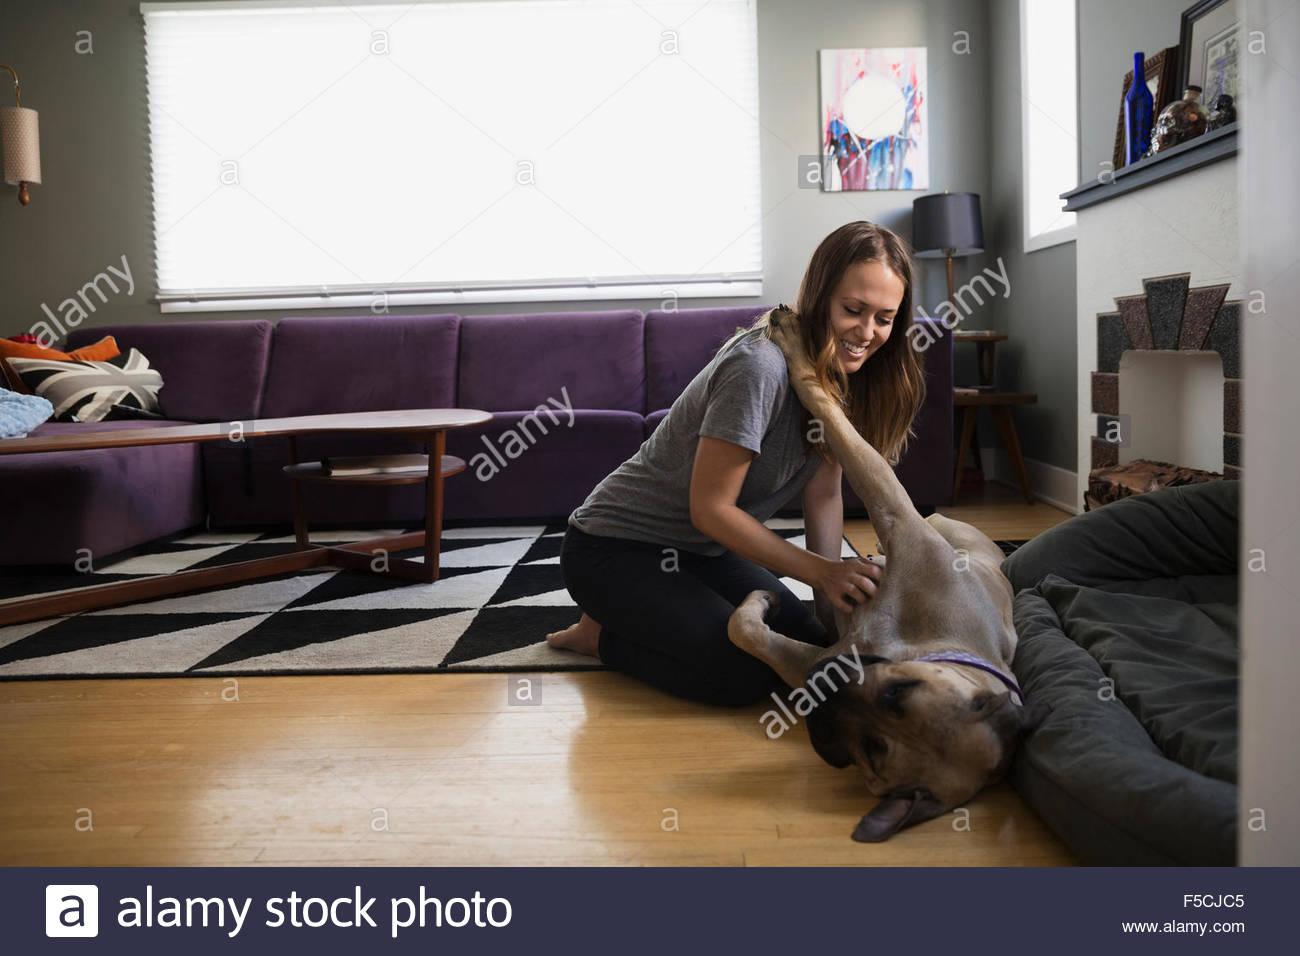 Donna di graffiare ventre del cane sul soggiorno piano Immagini Stock